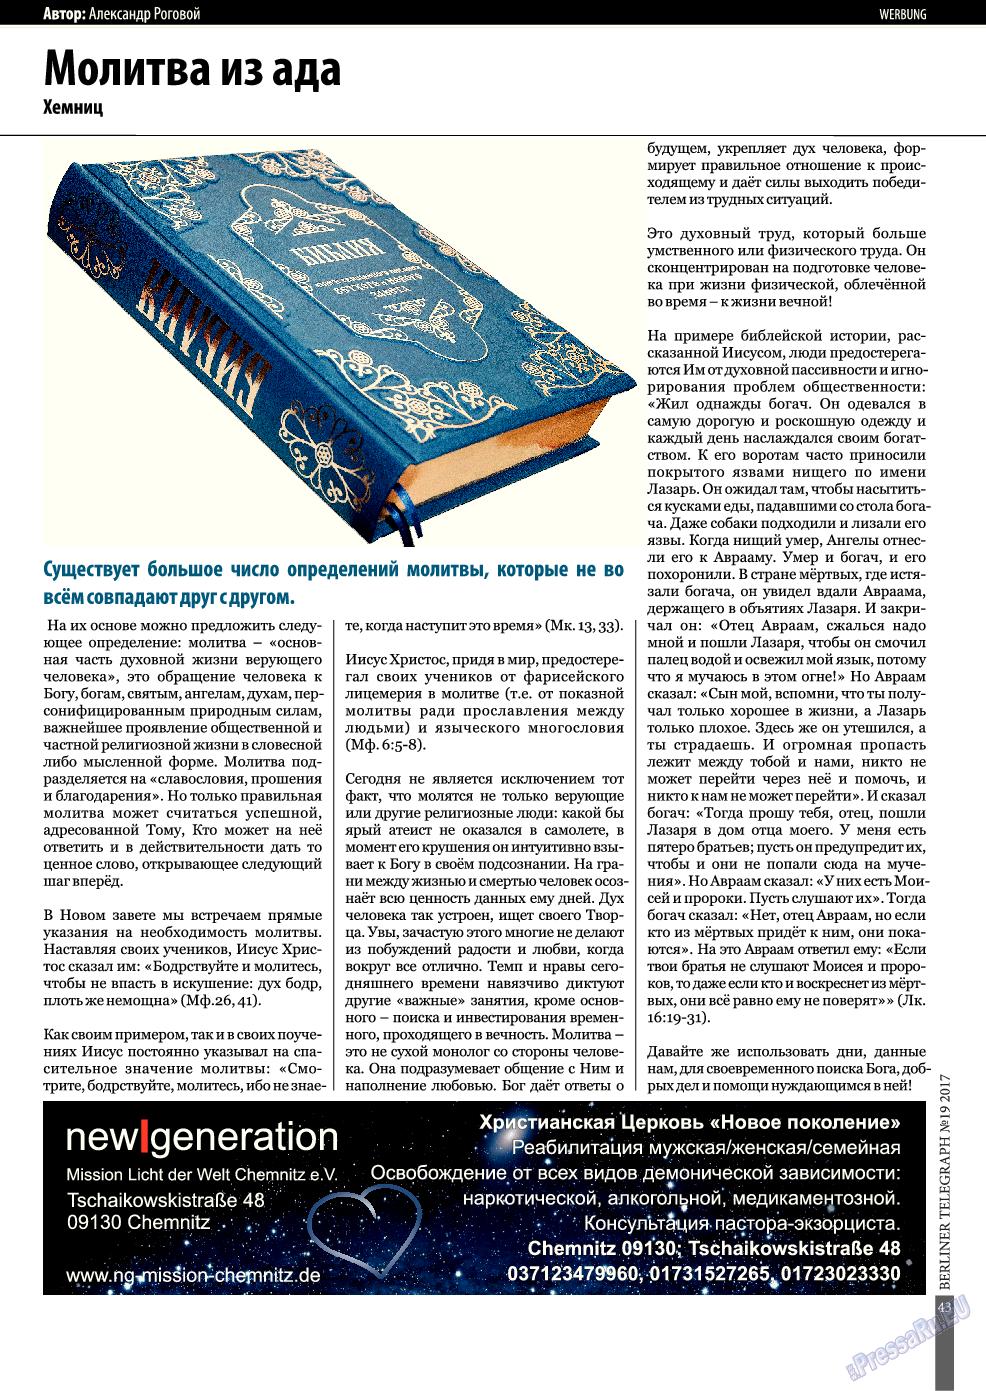 Берлинский телеграф (журнал). 2017 год, номер 19, стр. 43